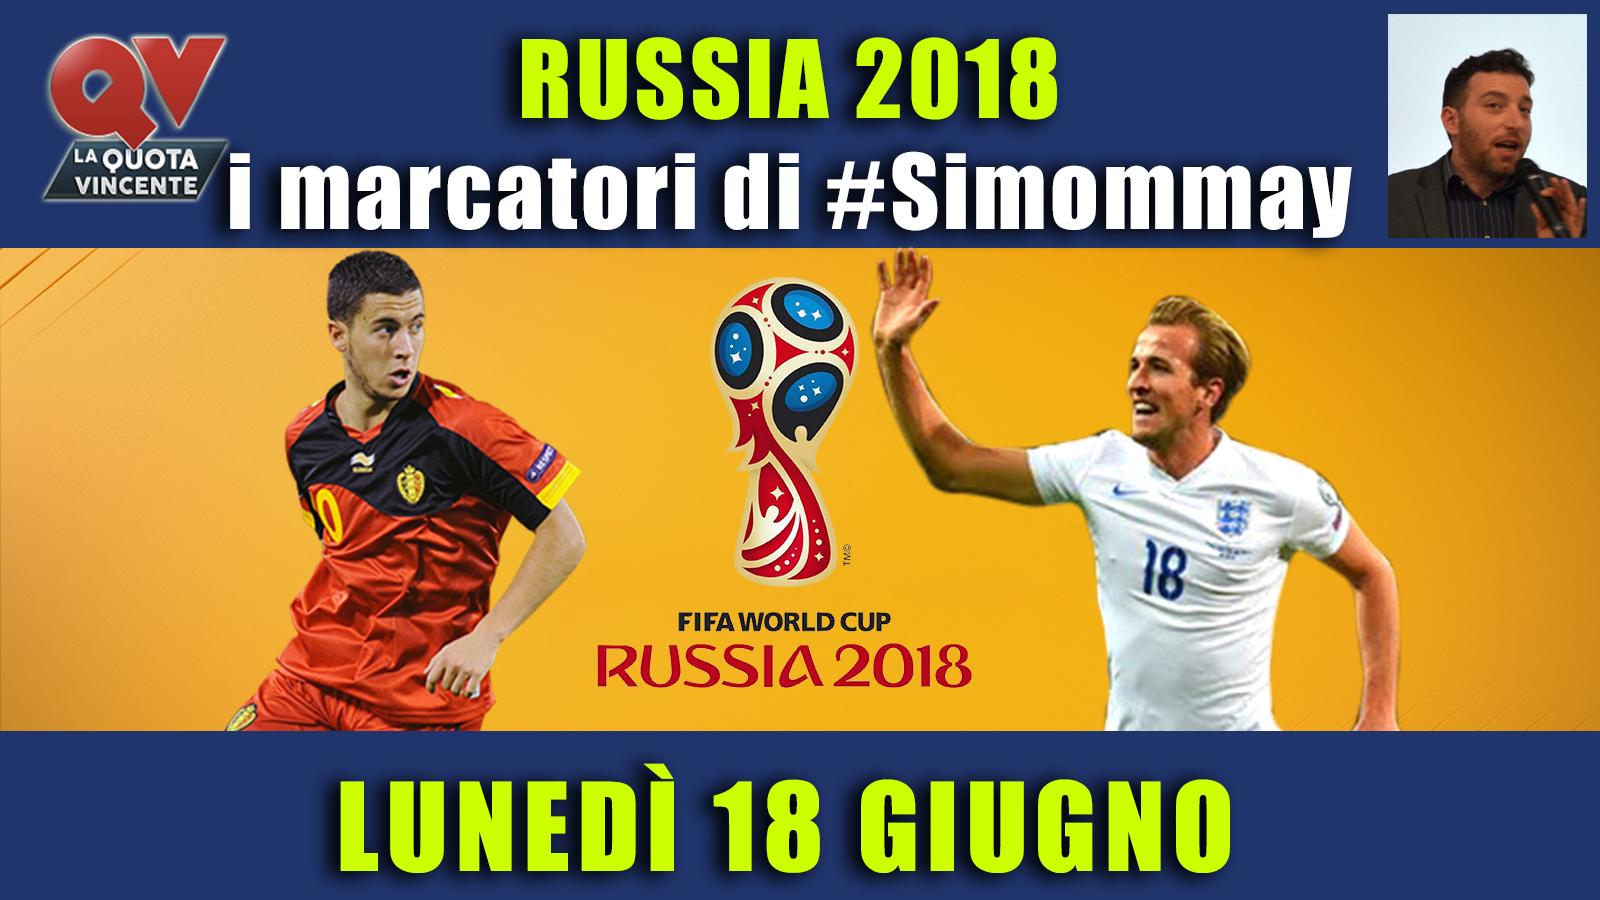 Pronostici marcatori Mondiali 18 giugno: i marcatori di #simommay